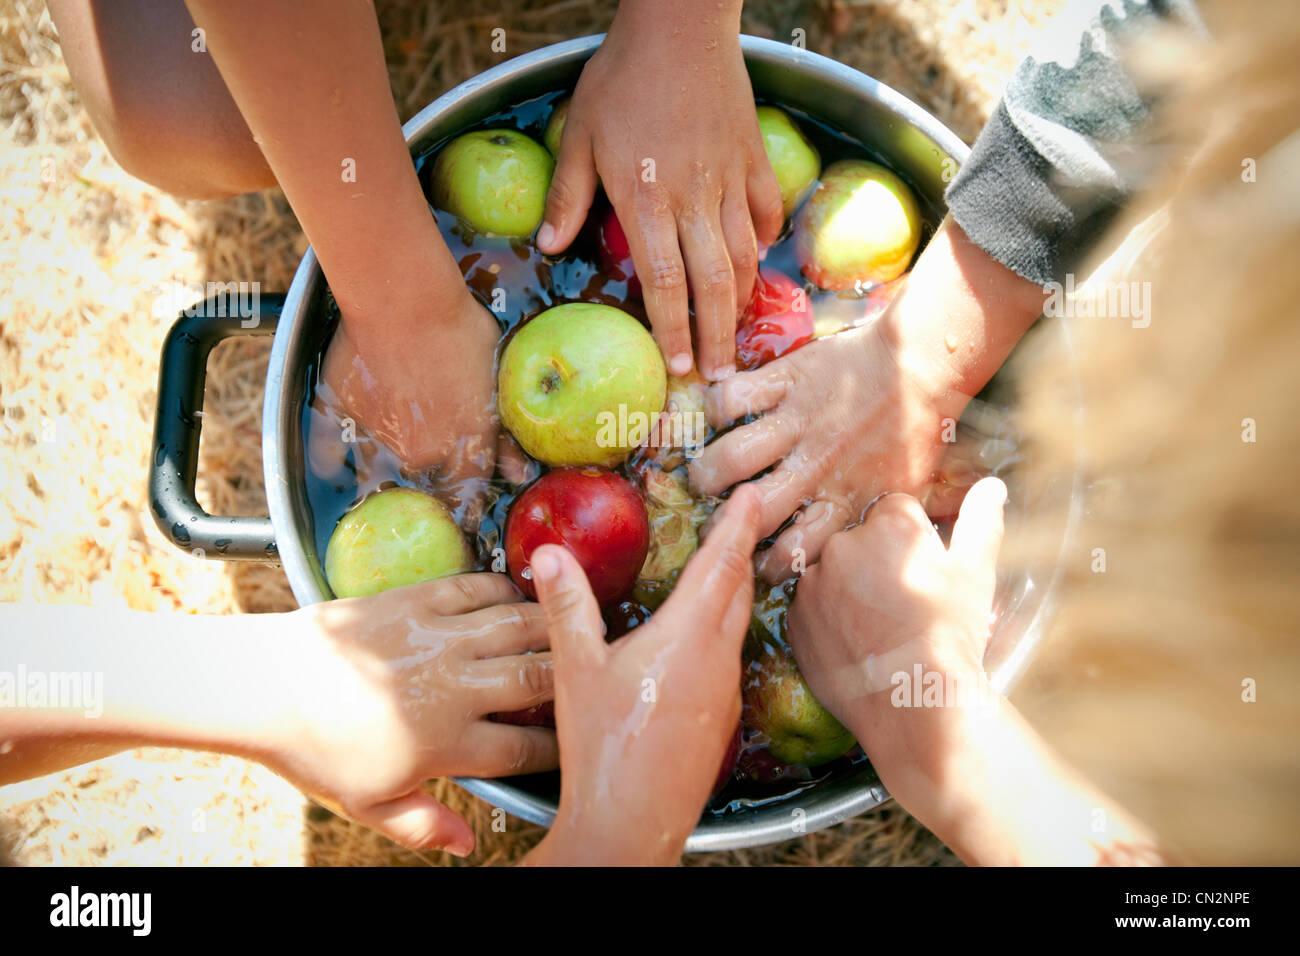 Menschen waschen Äpfel Stockbild